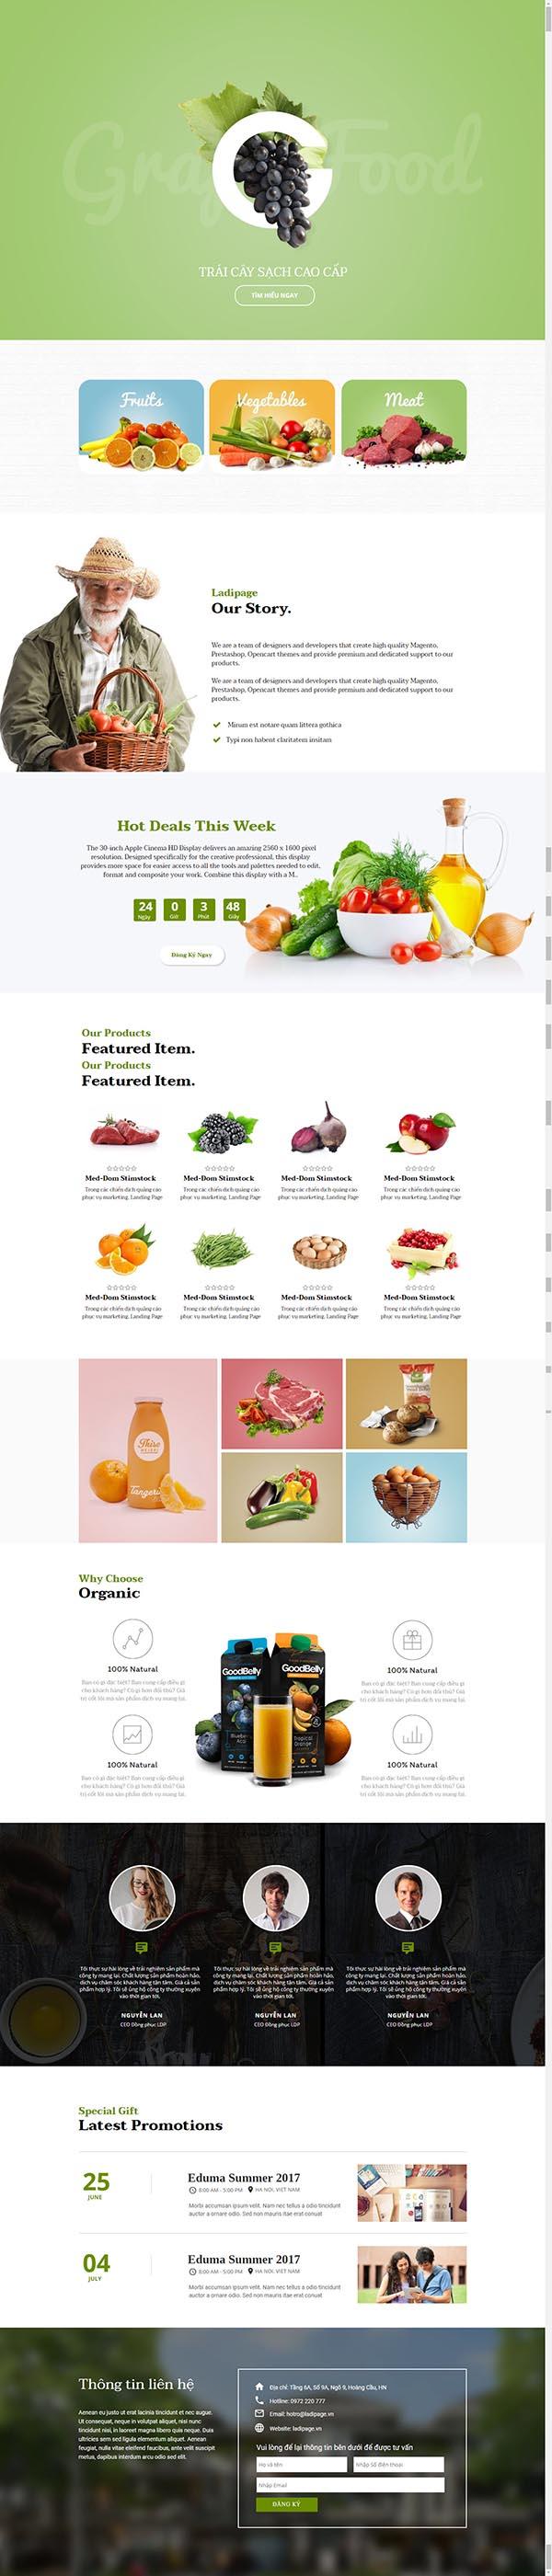 Thiết kế Mẫu website Landing Page 13